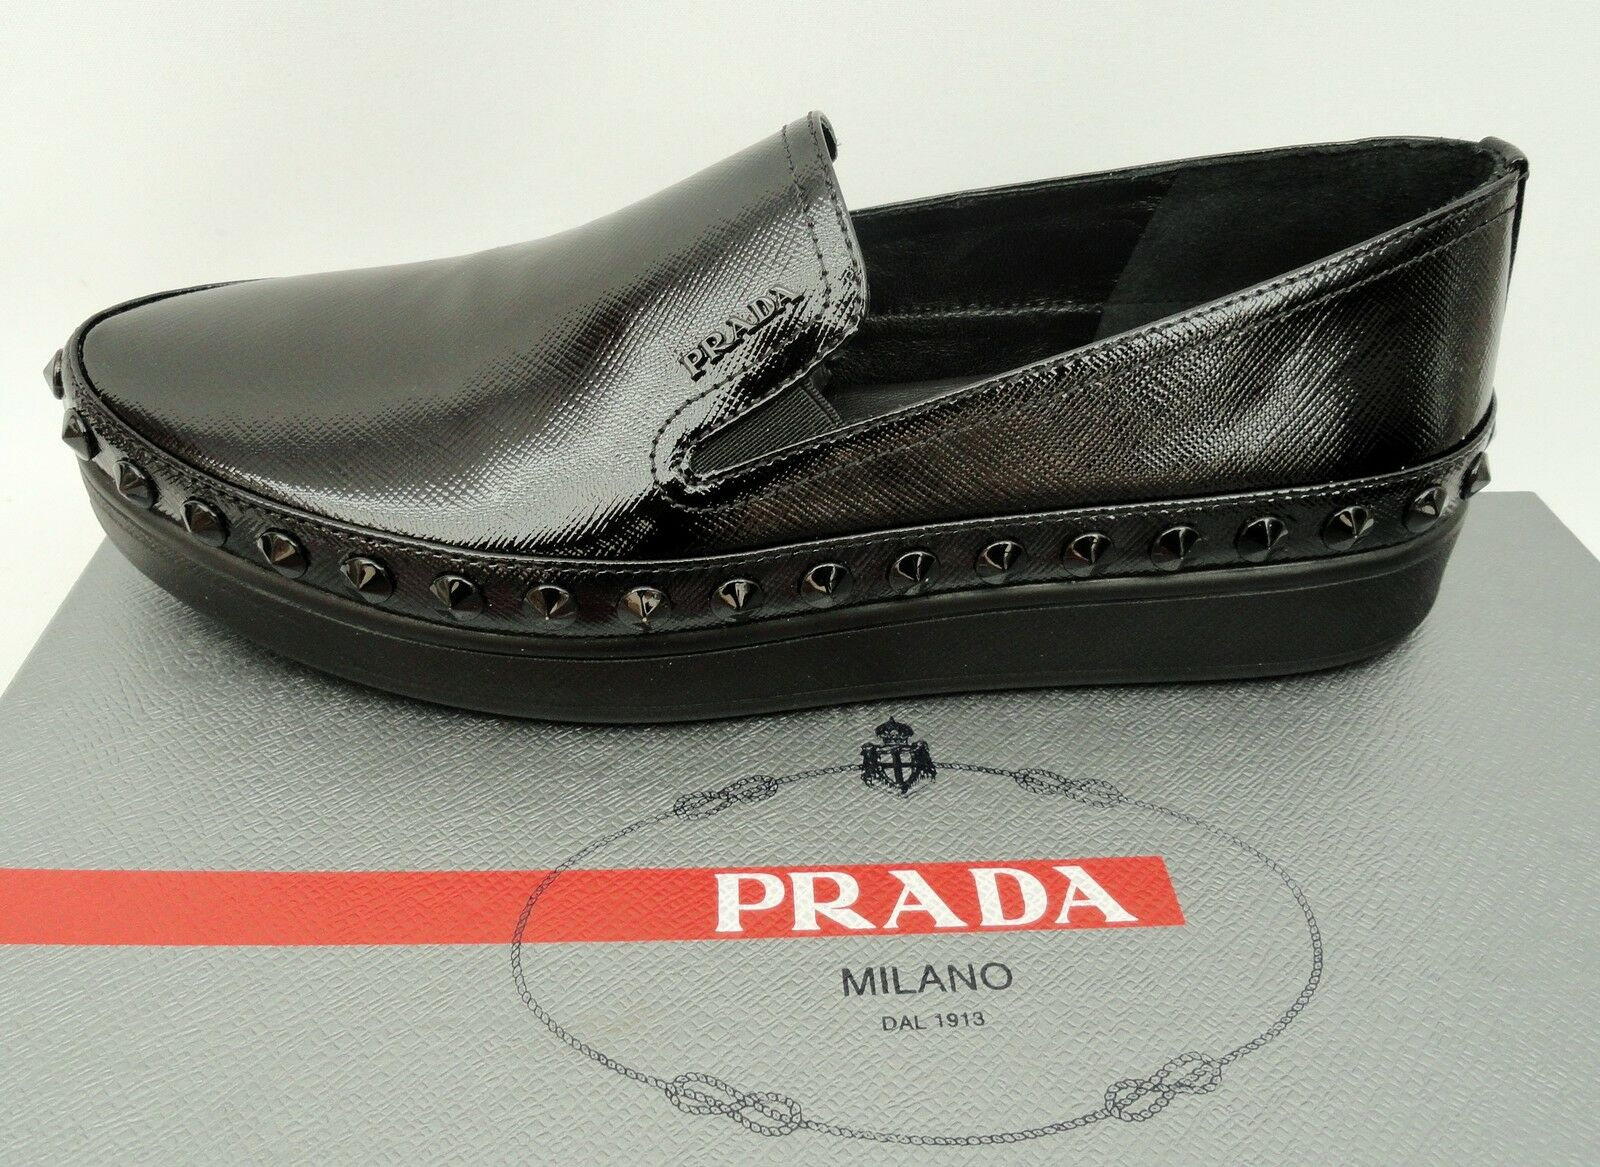 PRADA noires noires noires cloutées Mocassins baskets Flats Chaussures UK3 EU36 Neuf Baskets 0ad9f5